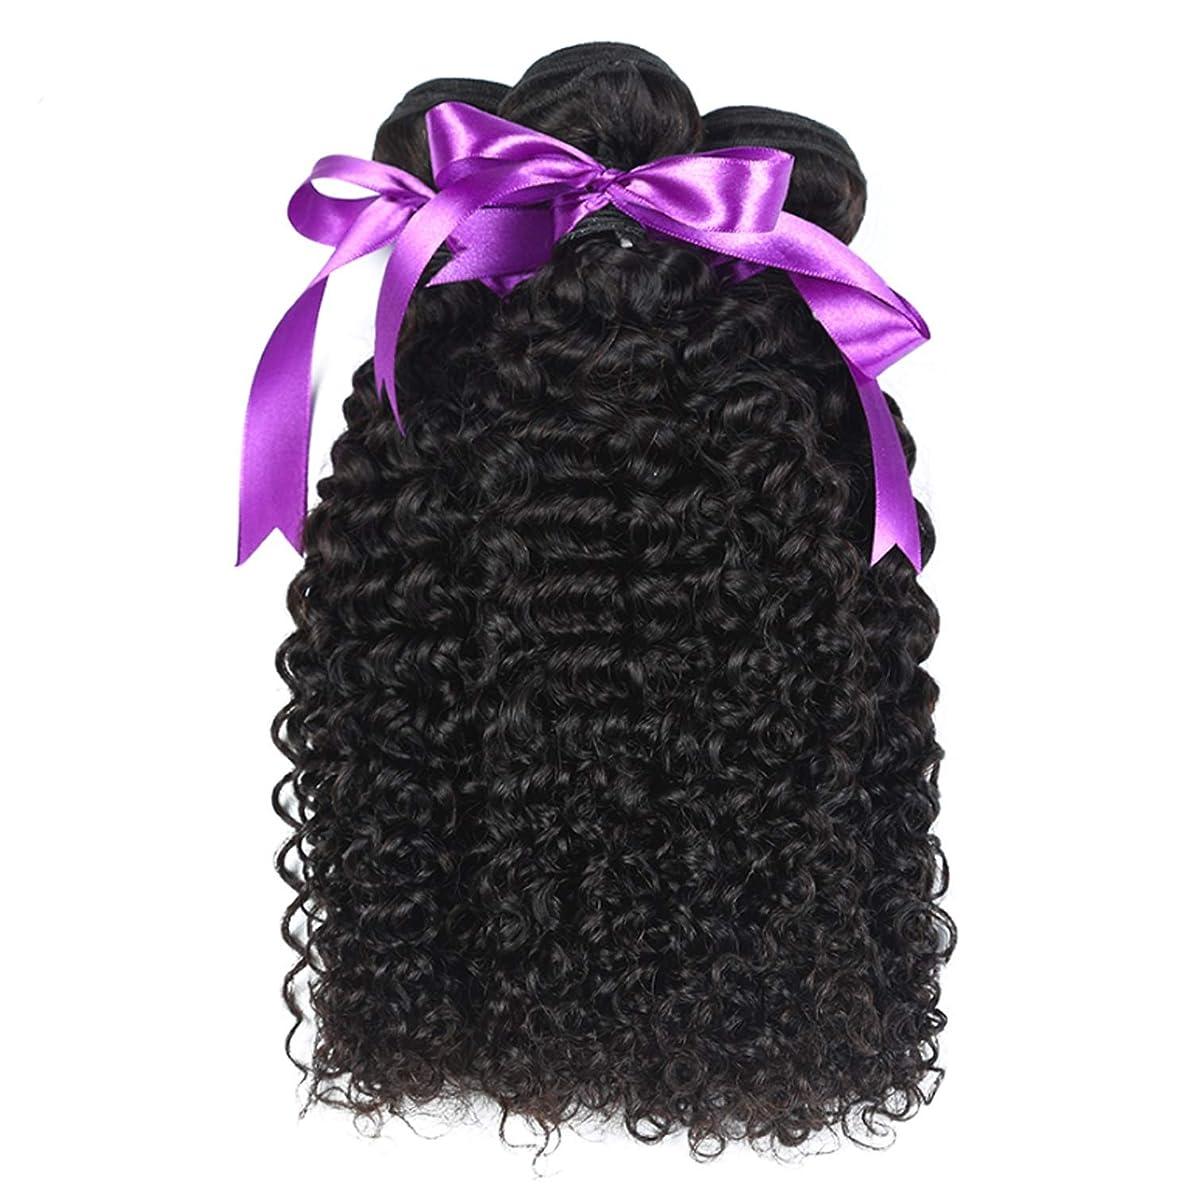 会員スカウトメンターかつら マレーシアの巻き毛の束8-28インチ100%の人間の毛髪は、Remyの毛のナチュラルカラー3個の巻き毛の束を織ります (Stretched Length : 10 10 10)